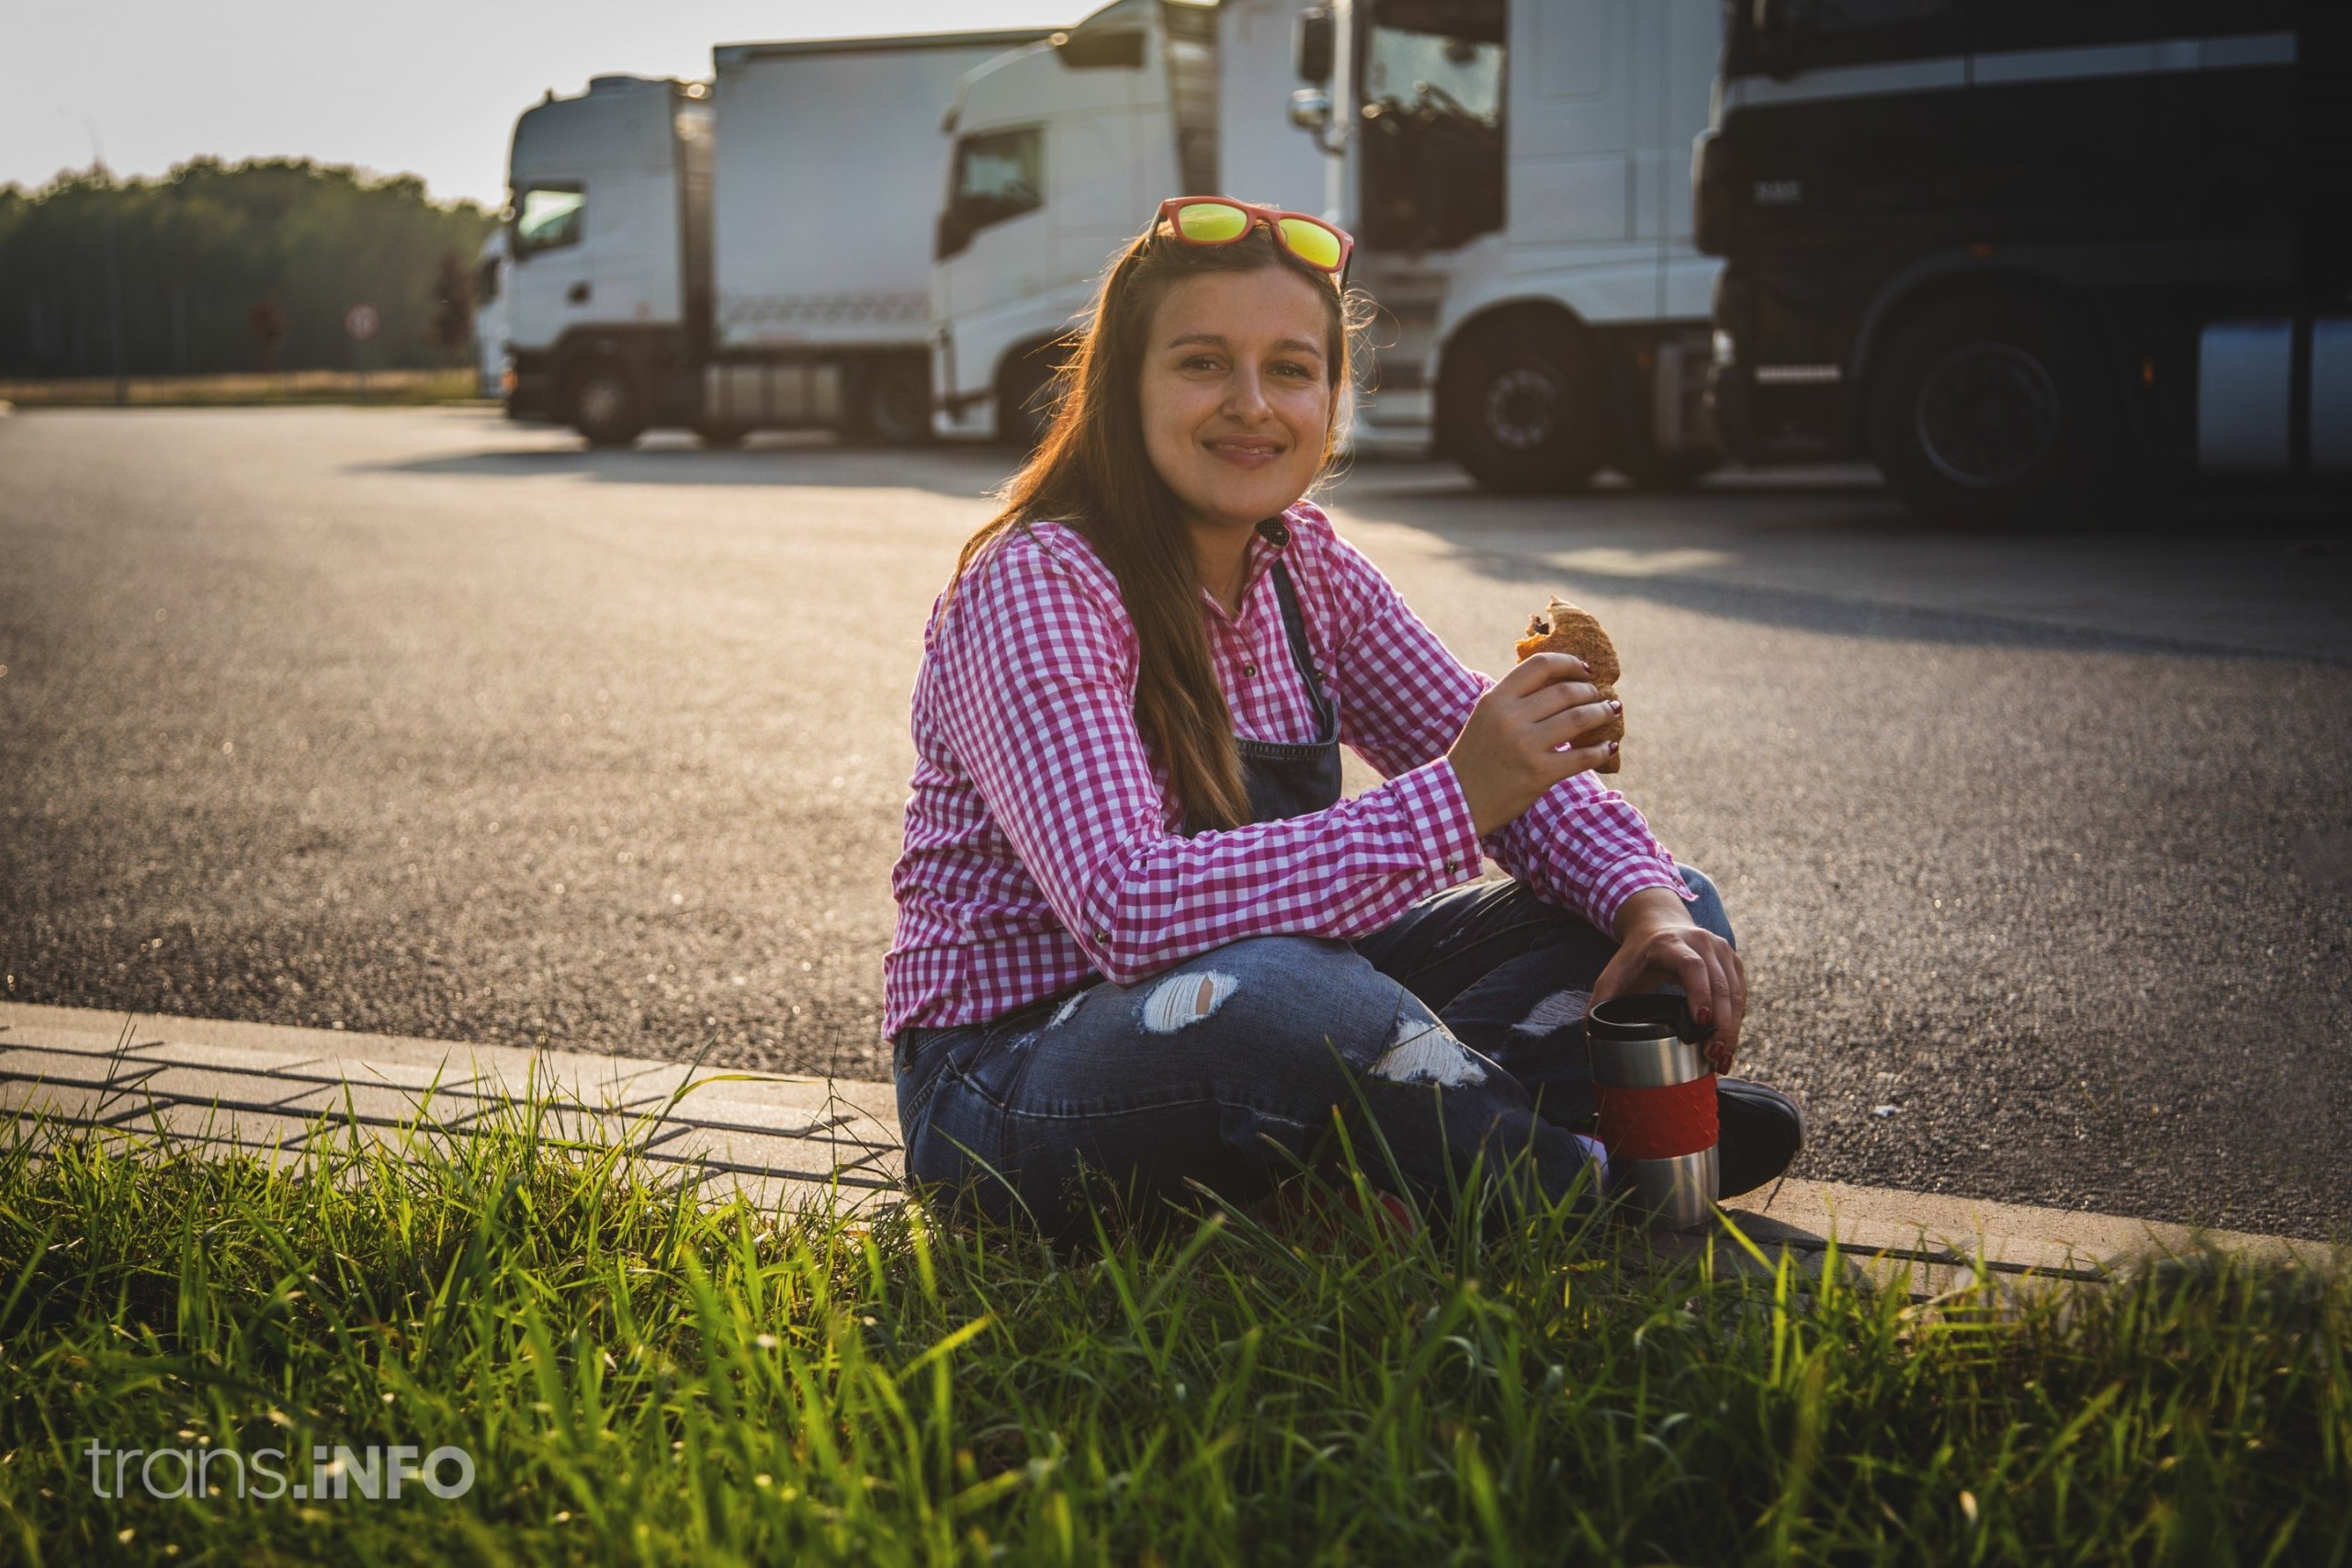 Uprawnienia do jazdy ciężarówką dla 18-latków. Jeden z krajów UE szykuje już przepisy